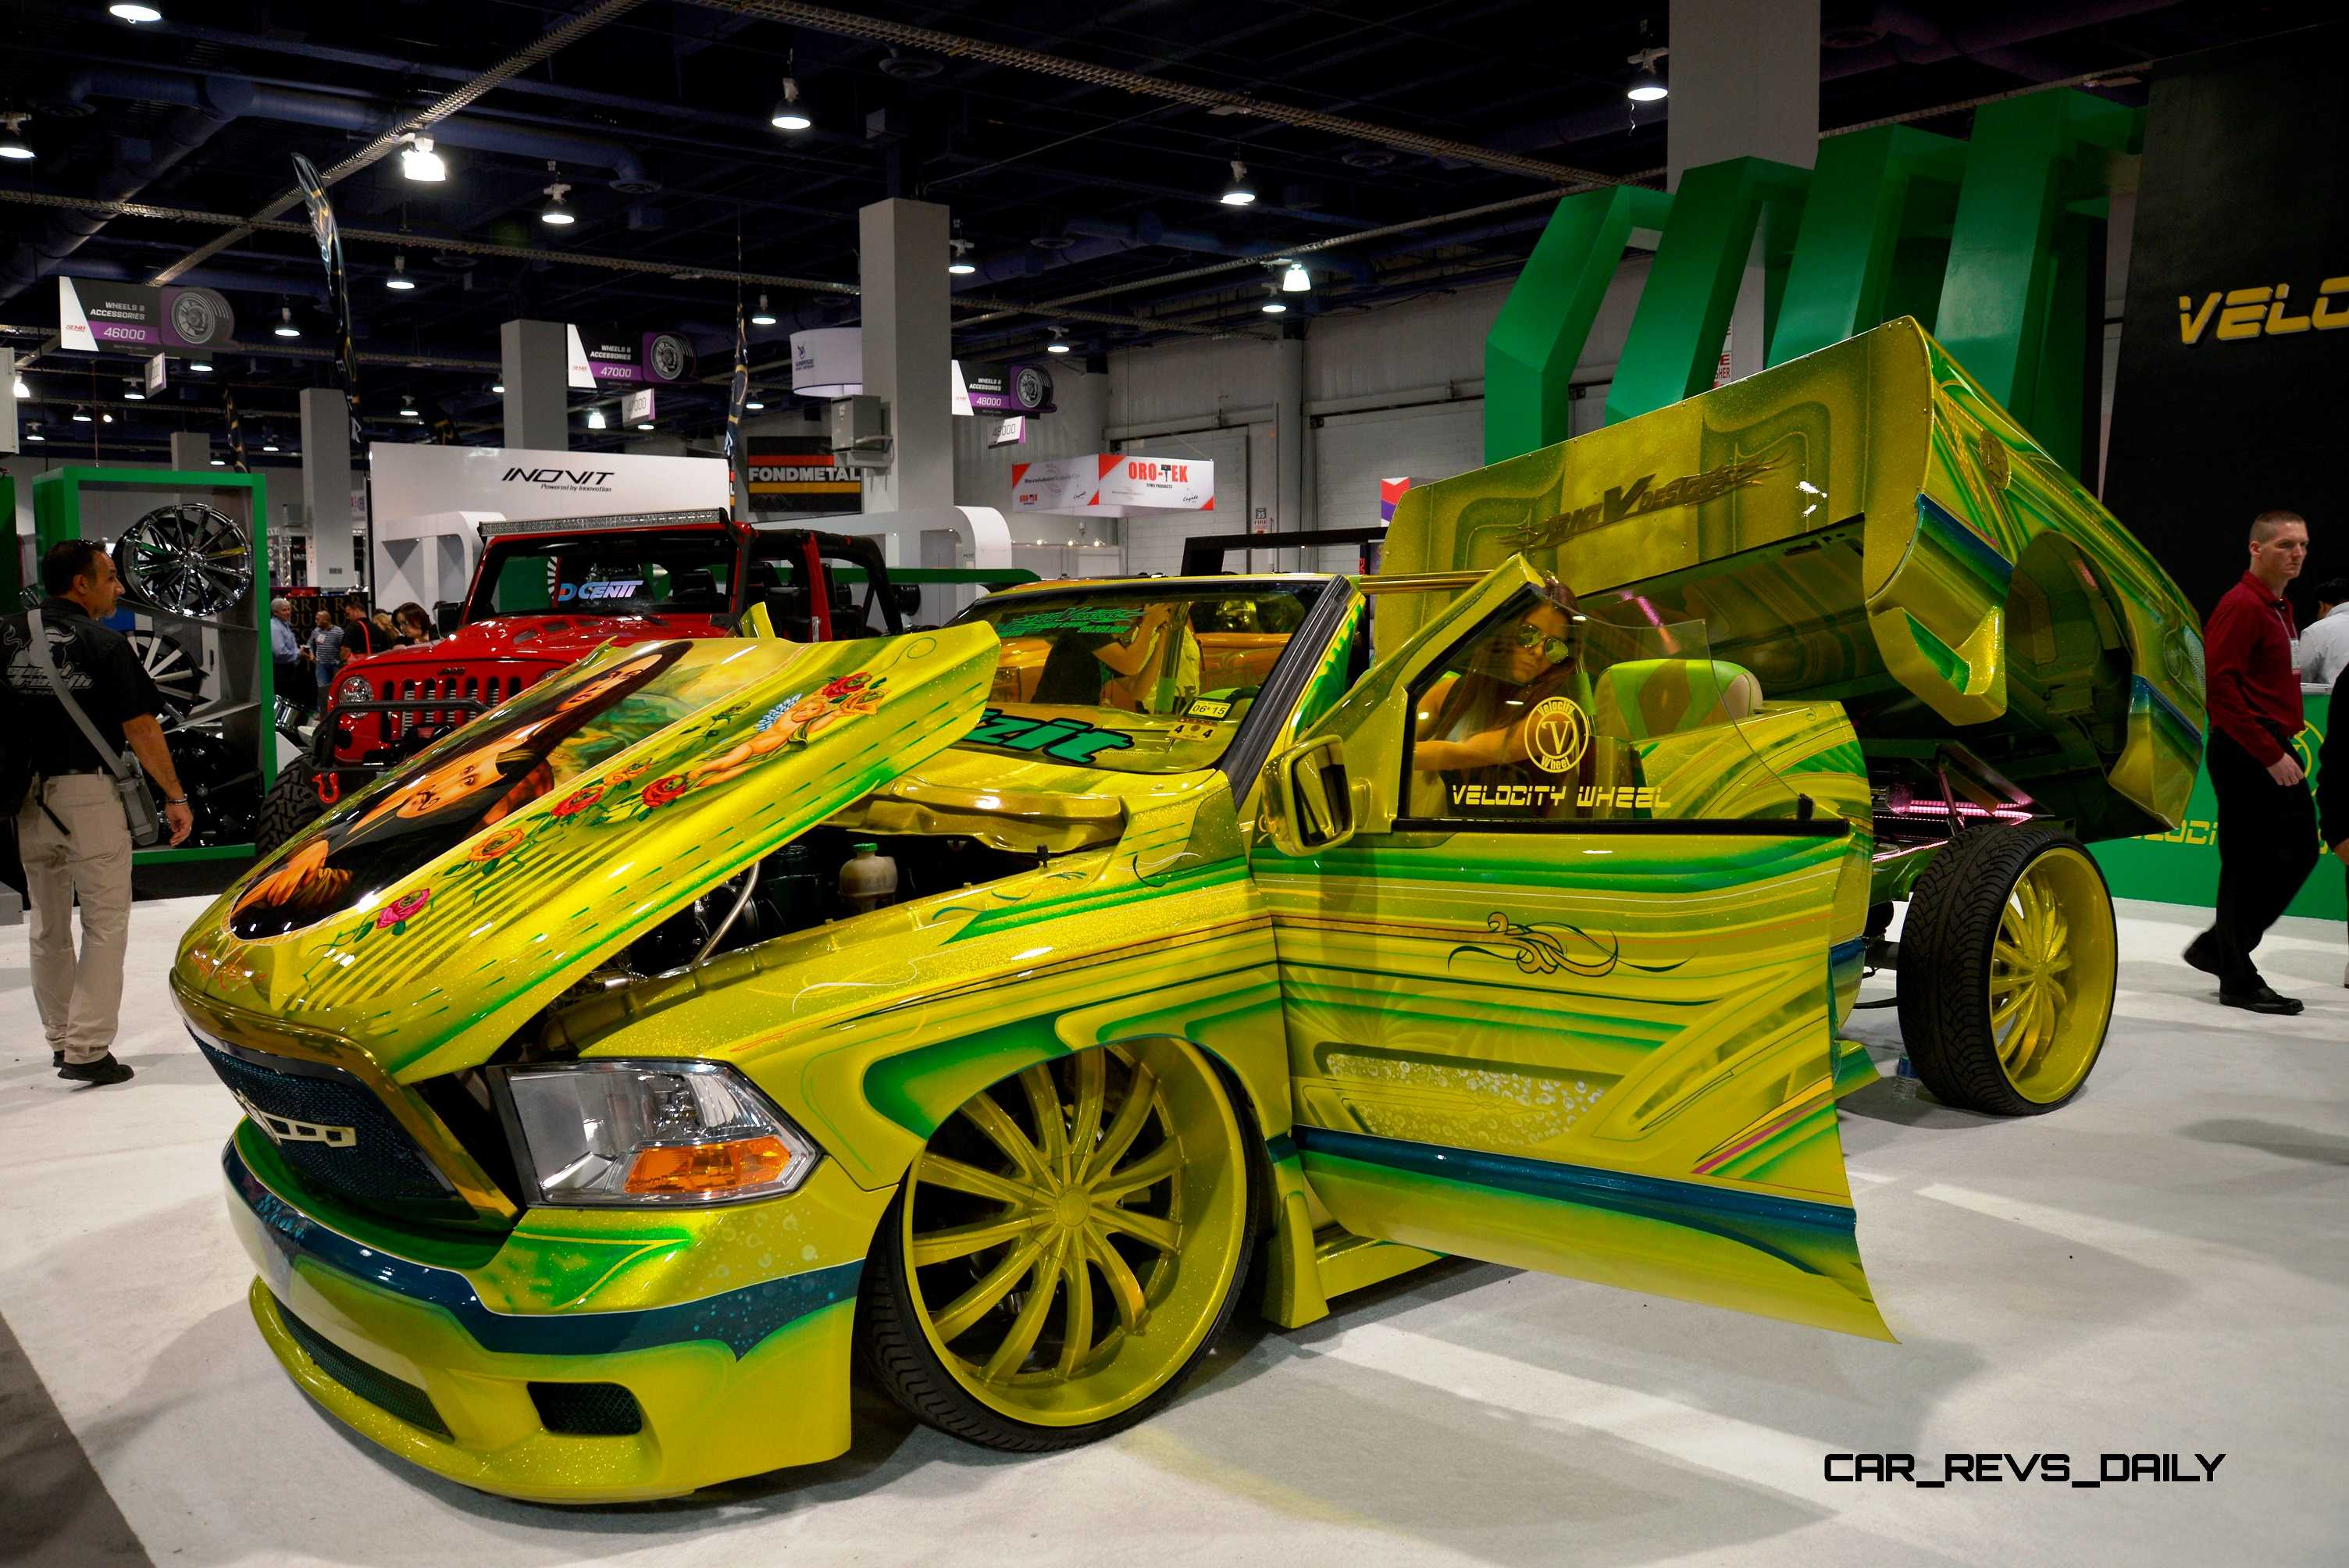 Sema 2014 Showfloor Photo Gallery The Trucks